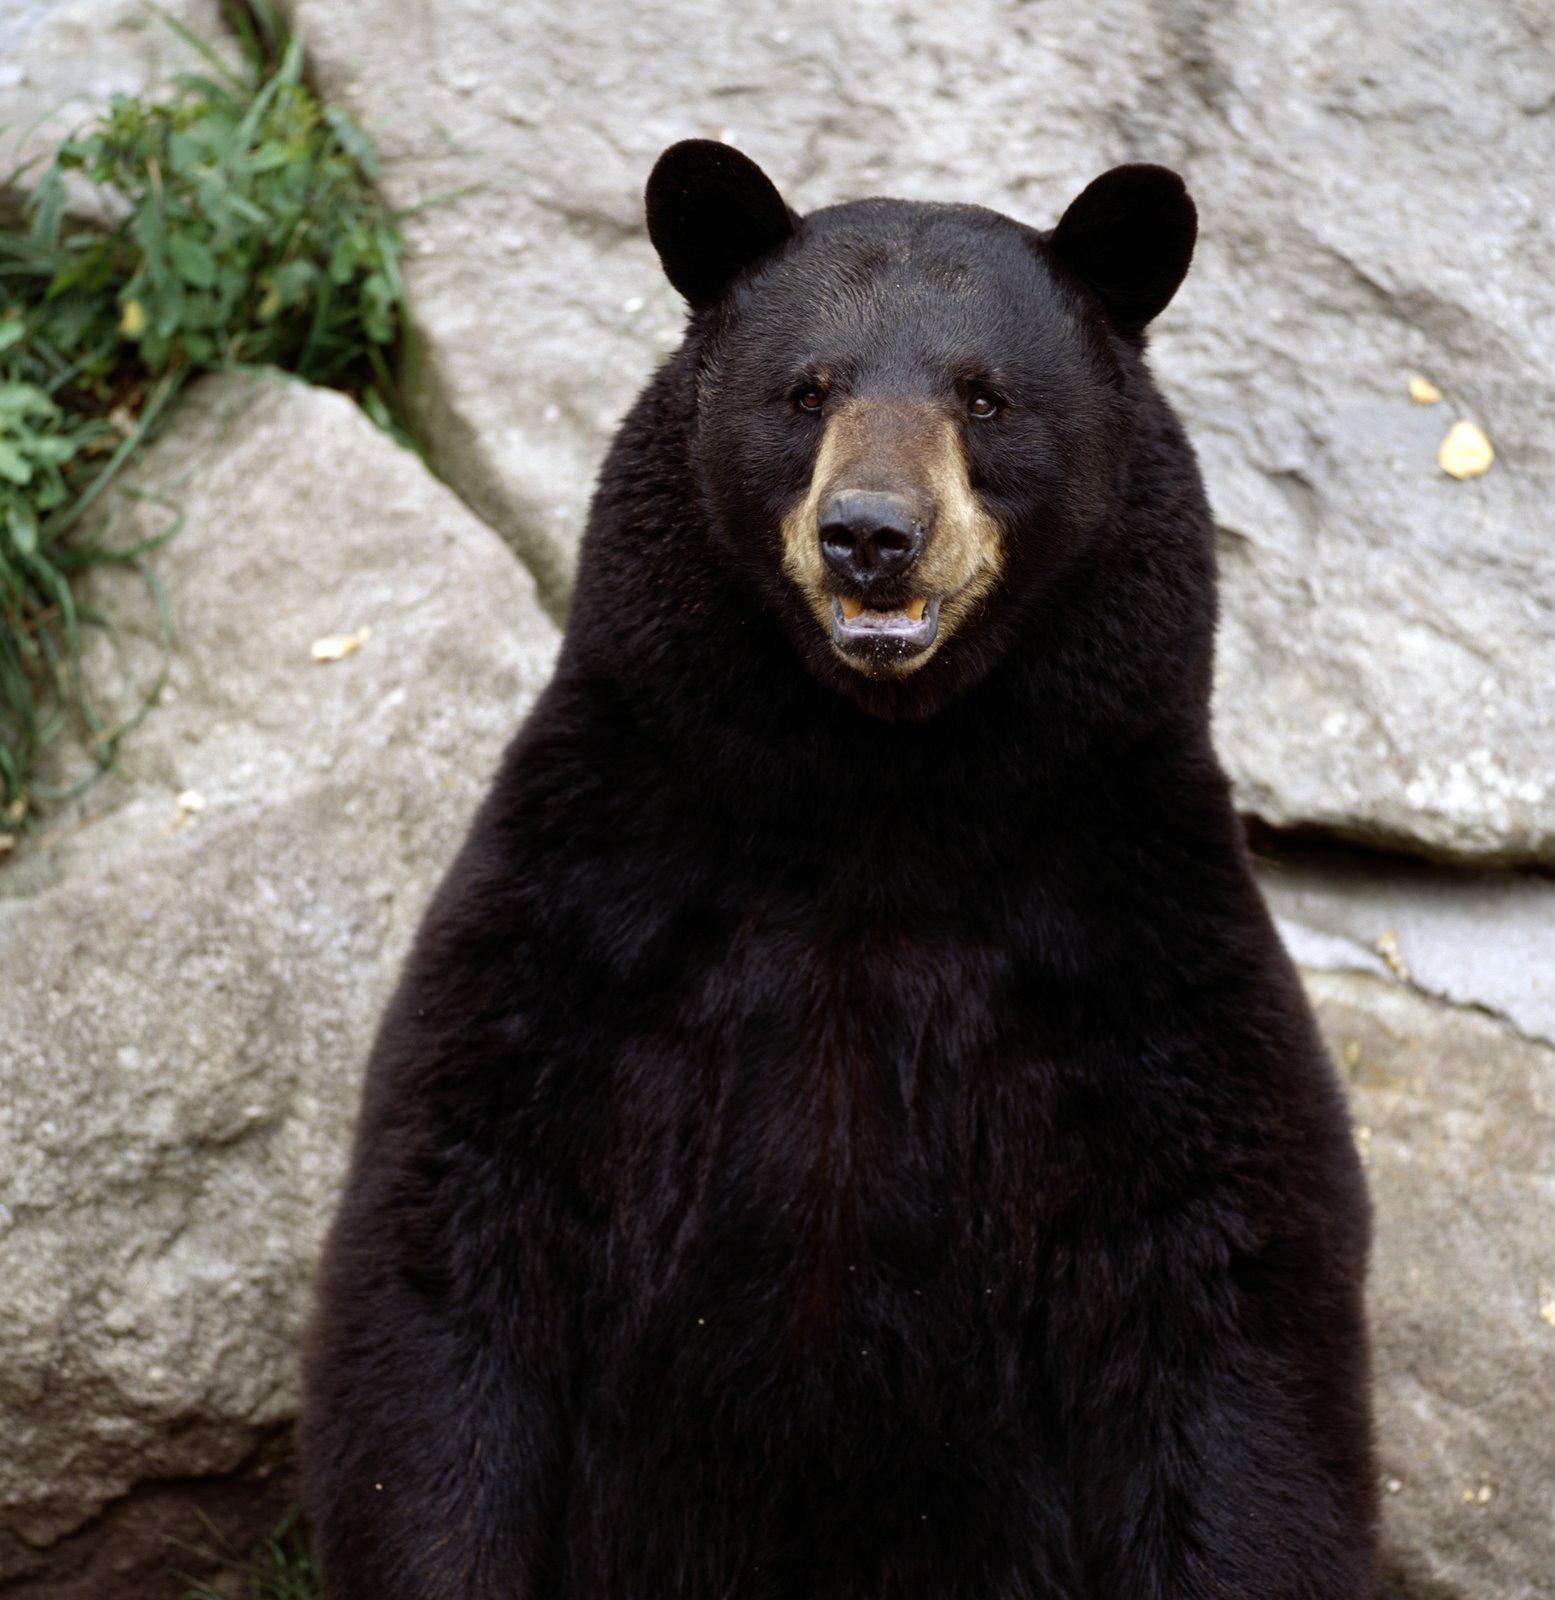 how tall is black bear